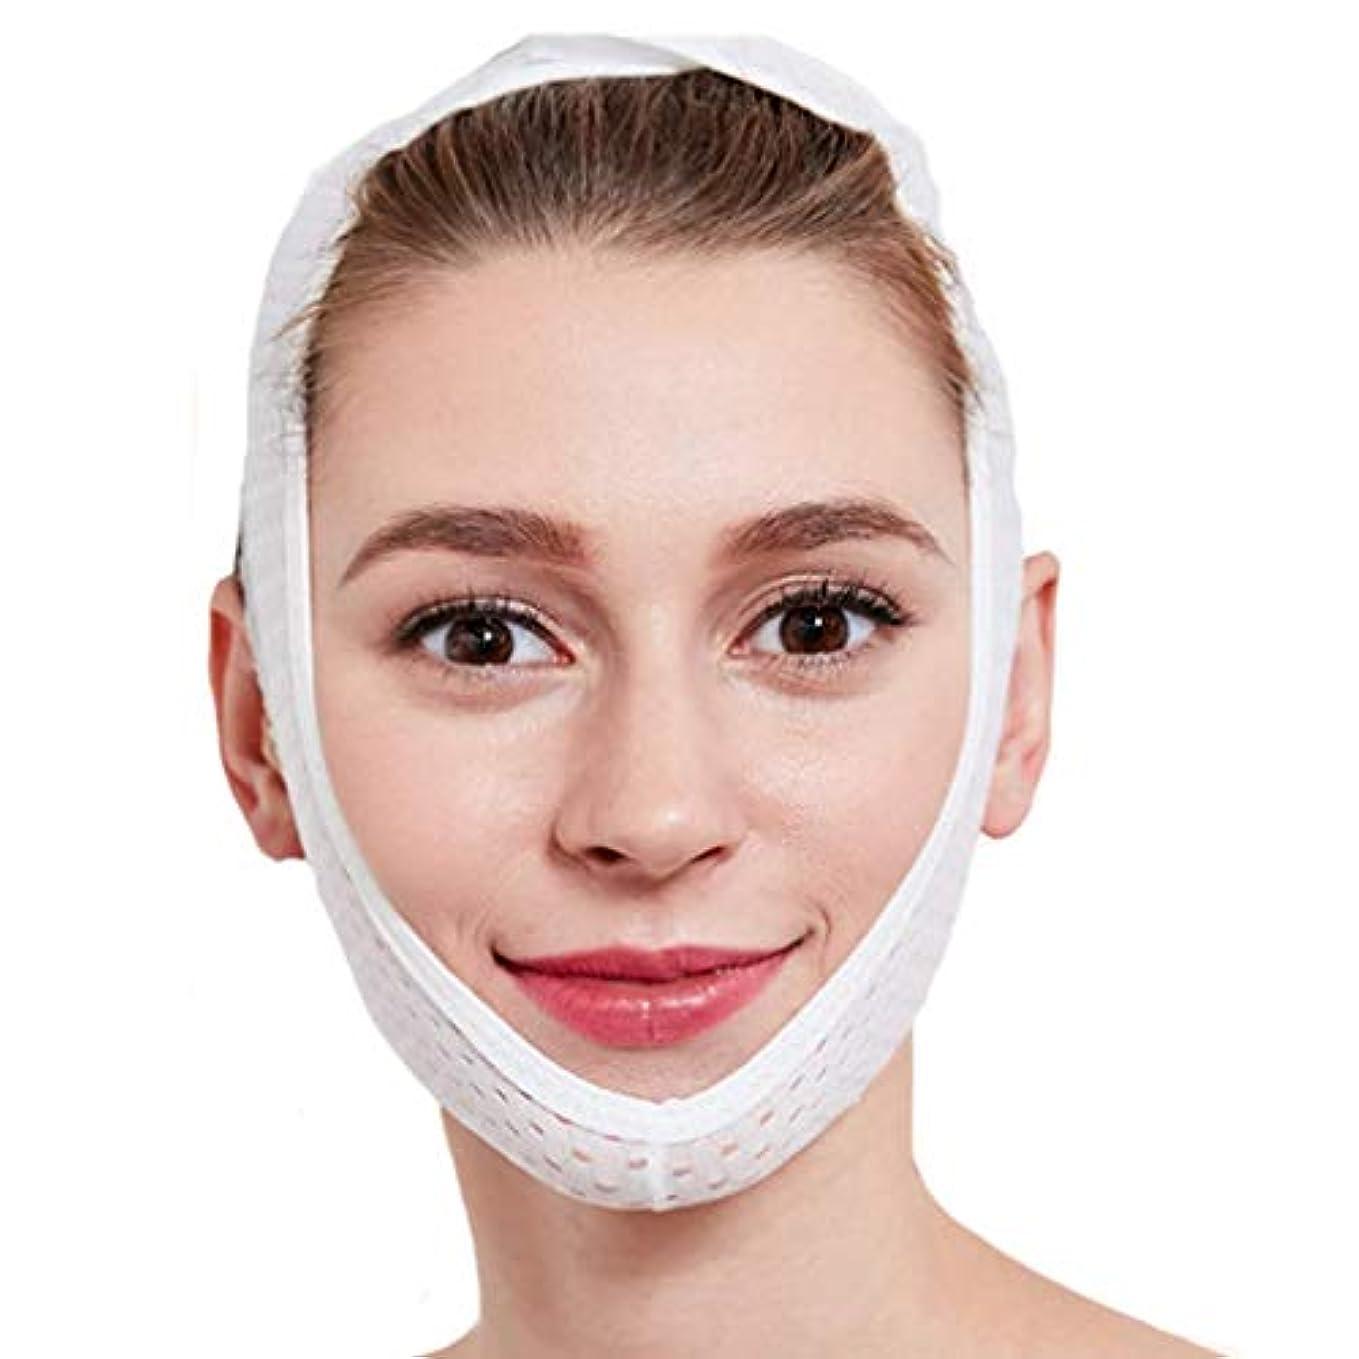 学ぶ測定可能おもてなし小顔リフトアップベルト 小顔補正ベルト 小顔補正 美容グッズ 二重あご シェイプアップ 加圧マスク ベルト